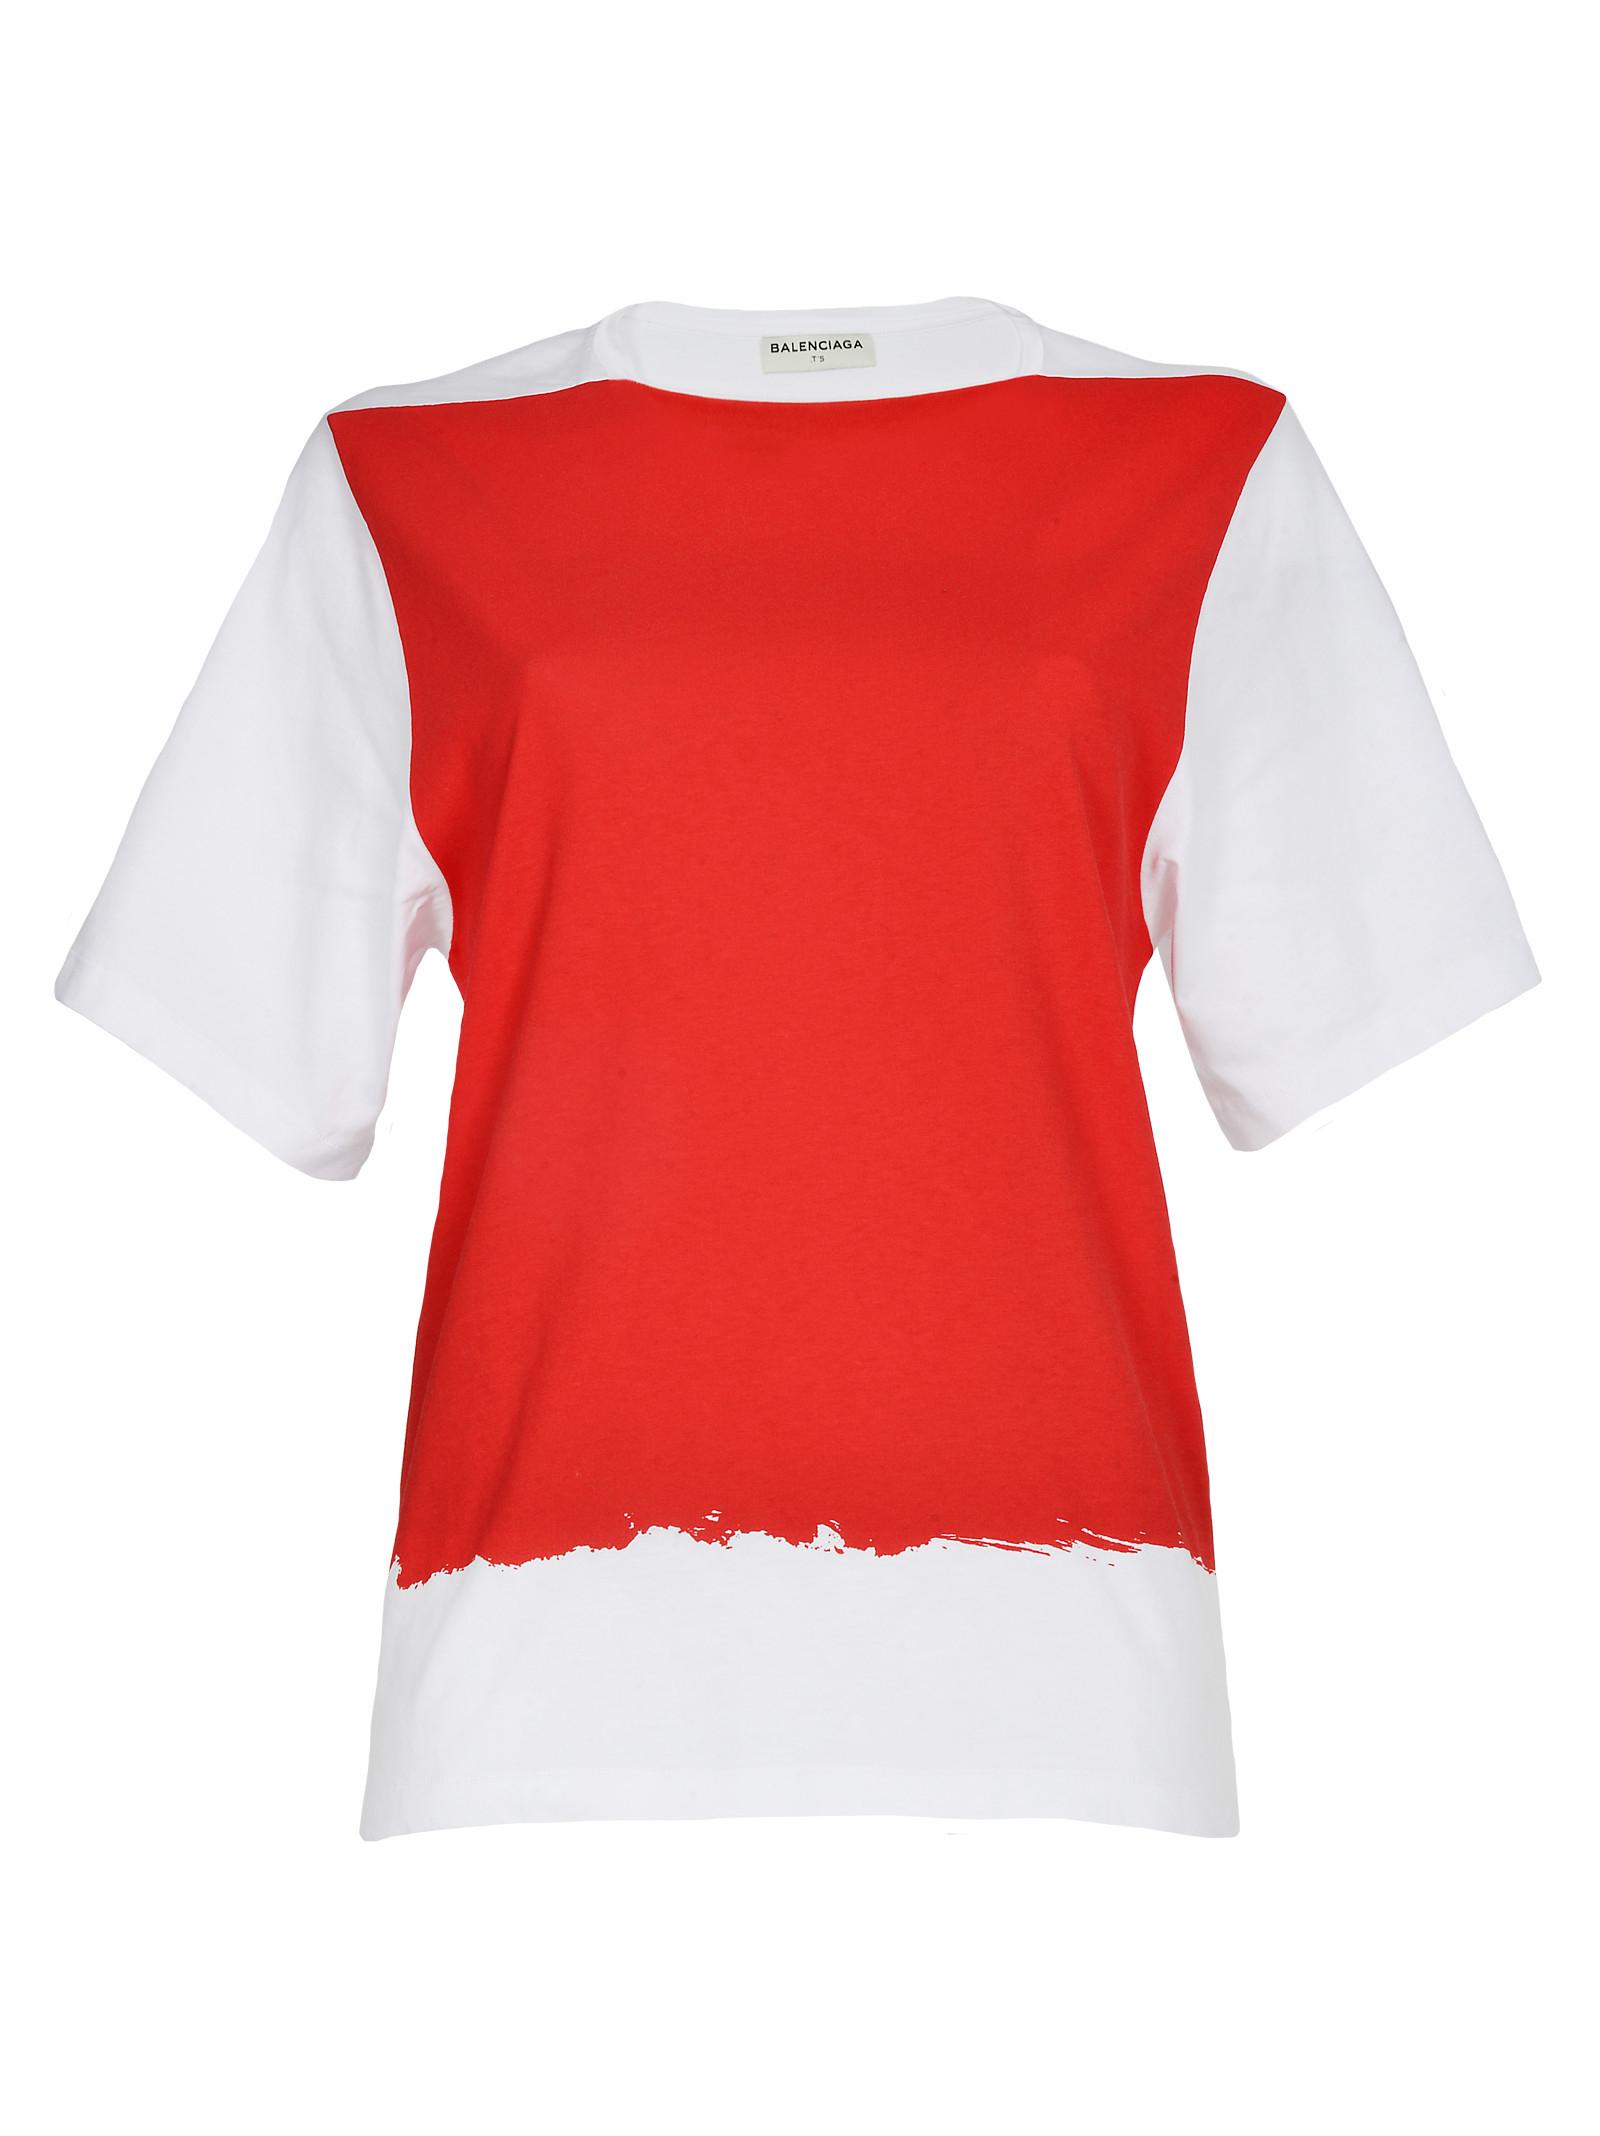 Balenciaga Tshirt Kimono In Red Bianco Rosso Lyst